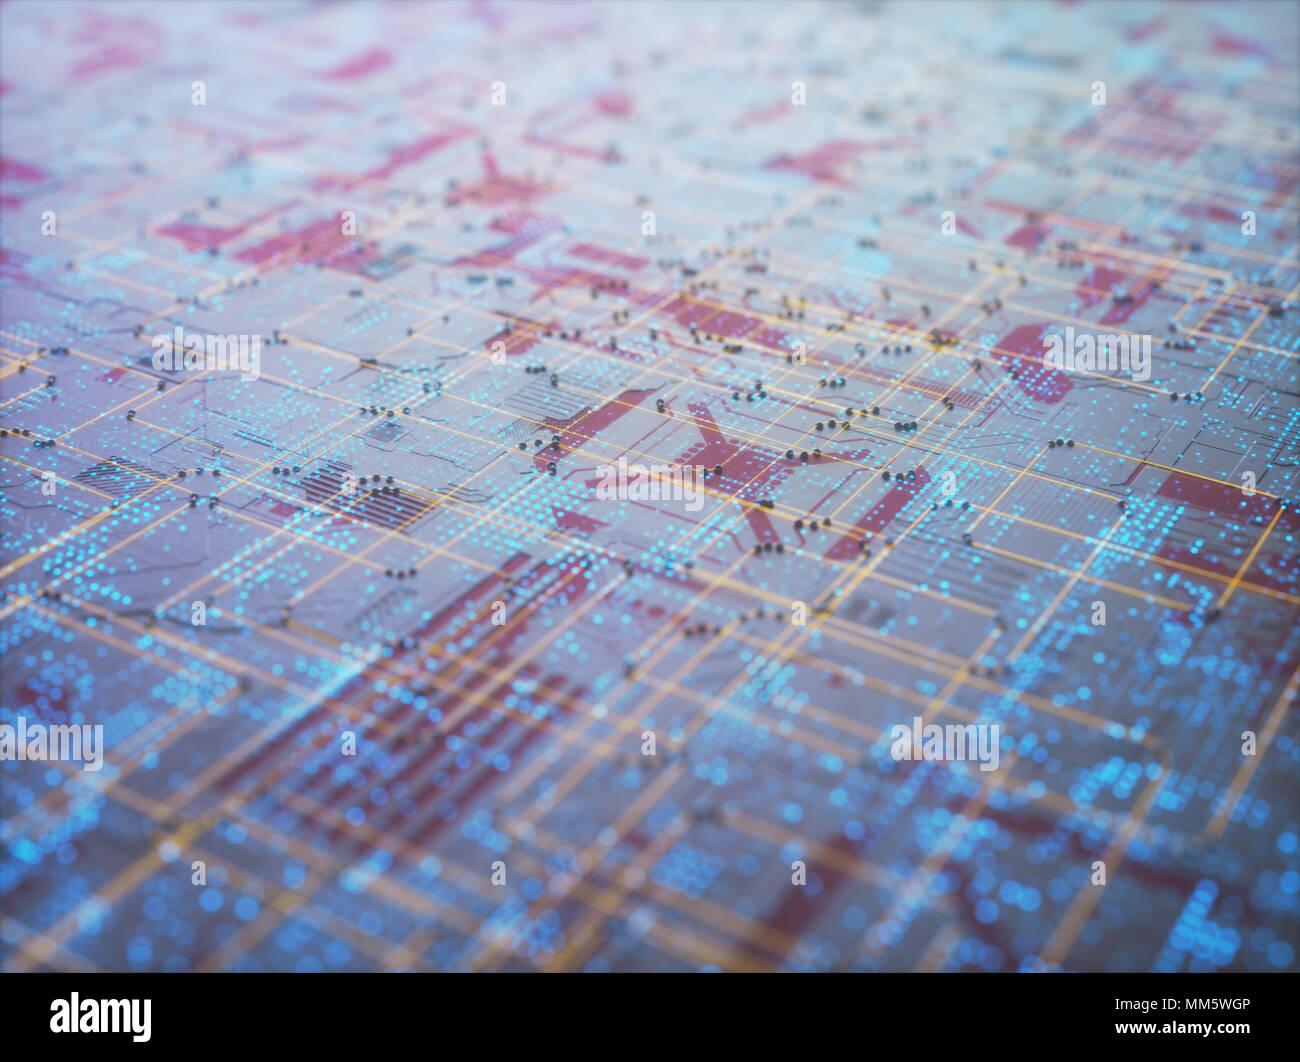 3D-Darstellung. Abstrakten 3D-Struktur für den Einsatz als Hintergrund in technologischen Thema. Stockbild